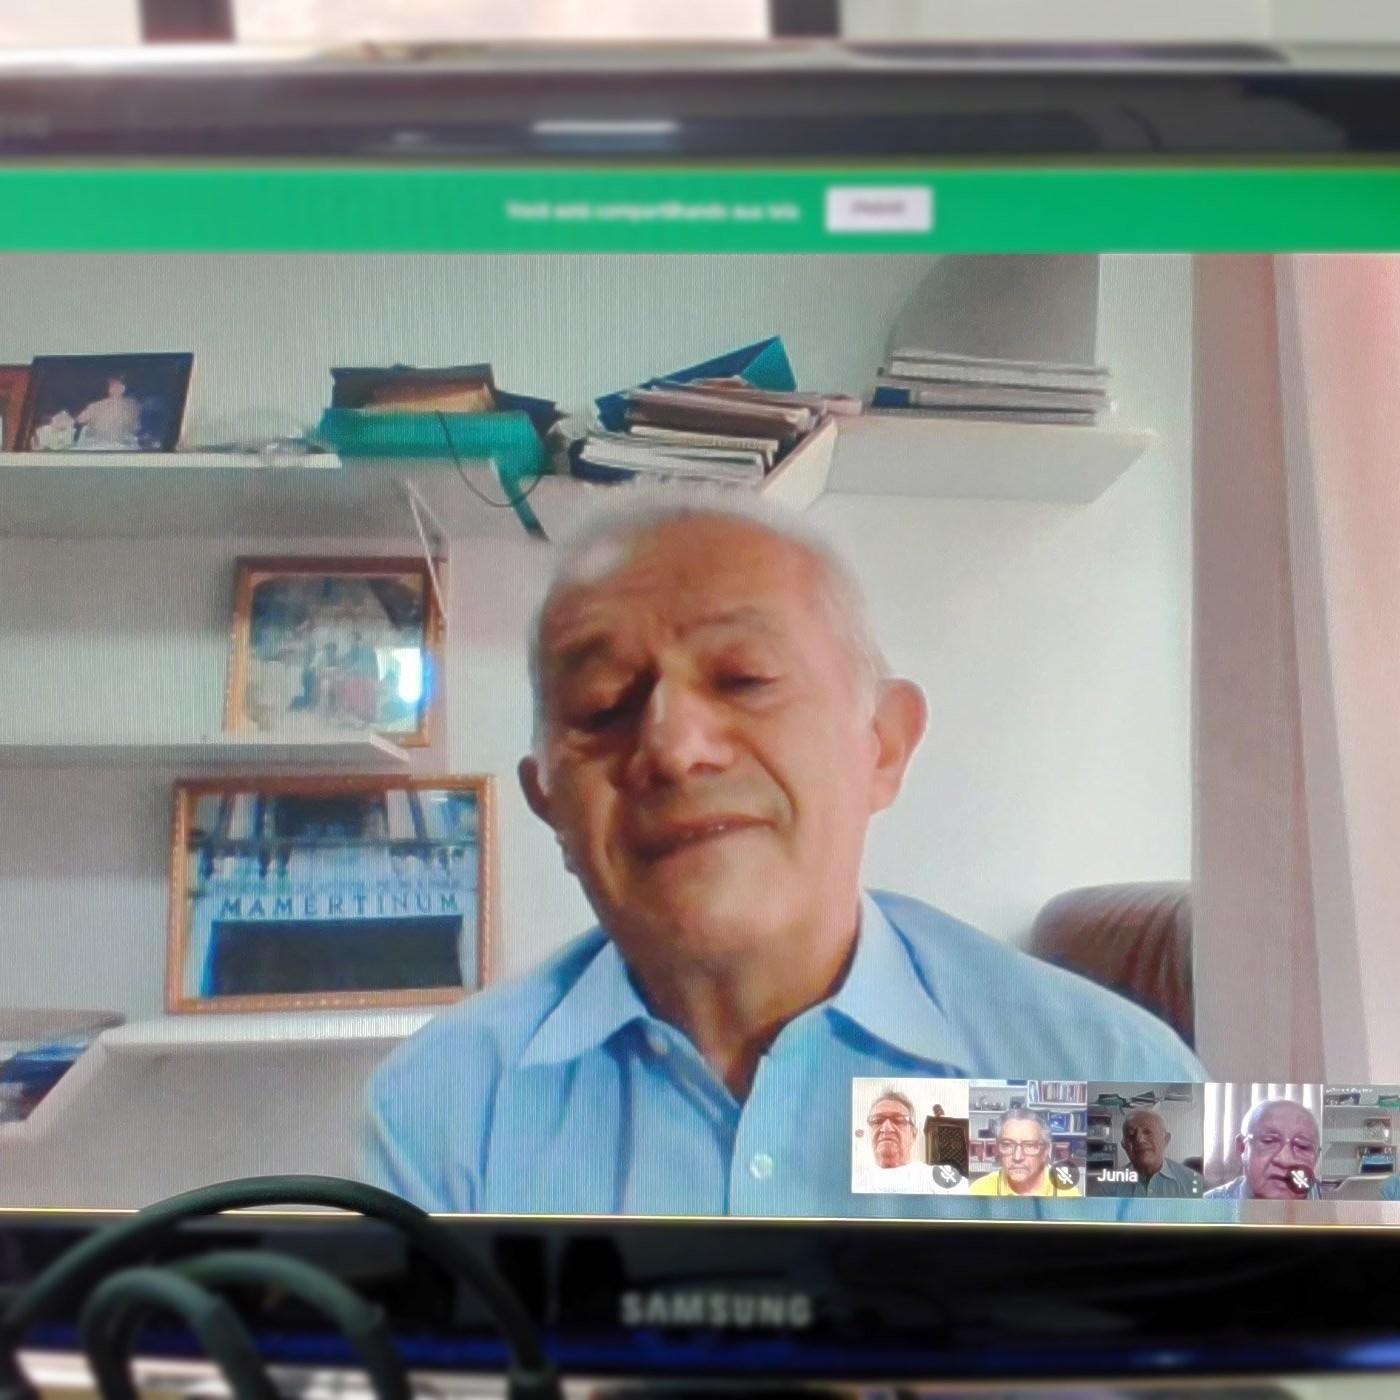 772 - Transfiguração e Reencarnação com Dr. Benedito Figueiredo